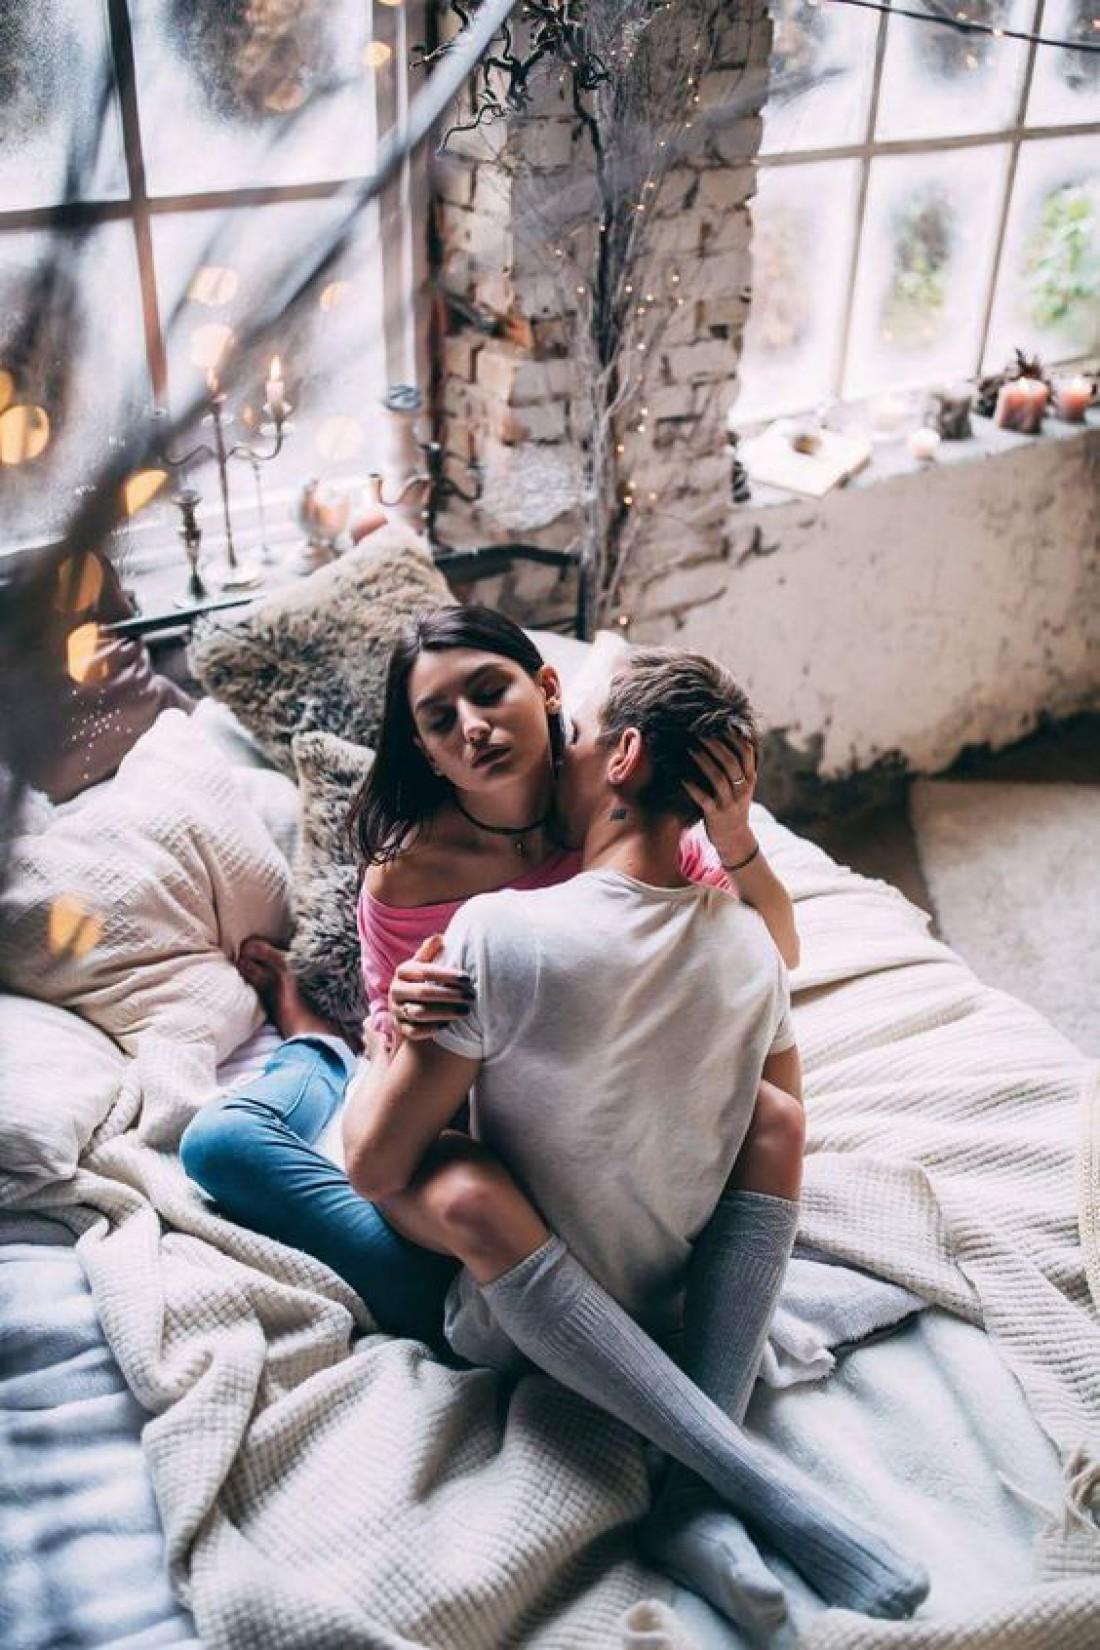 Что делать, если у вас разный сексуальный темперамент? 5 полезных советов